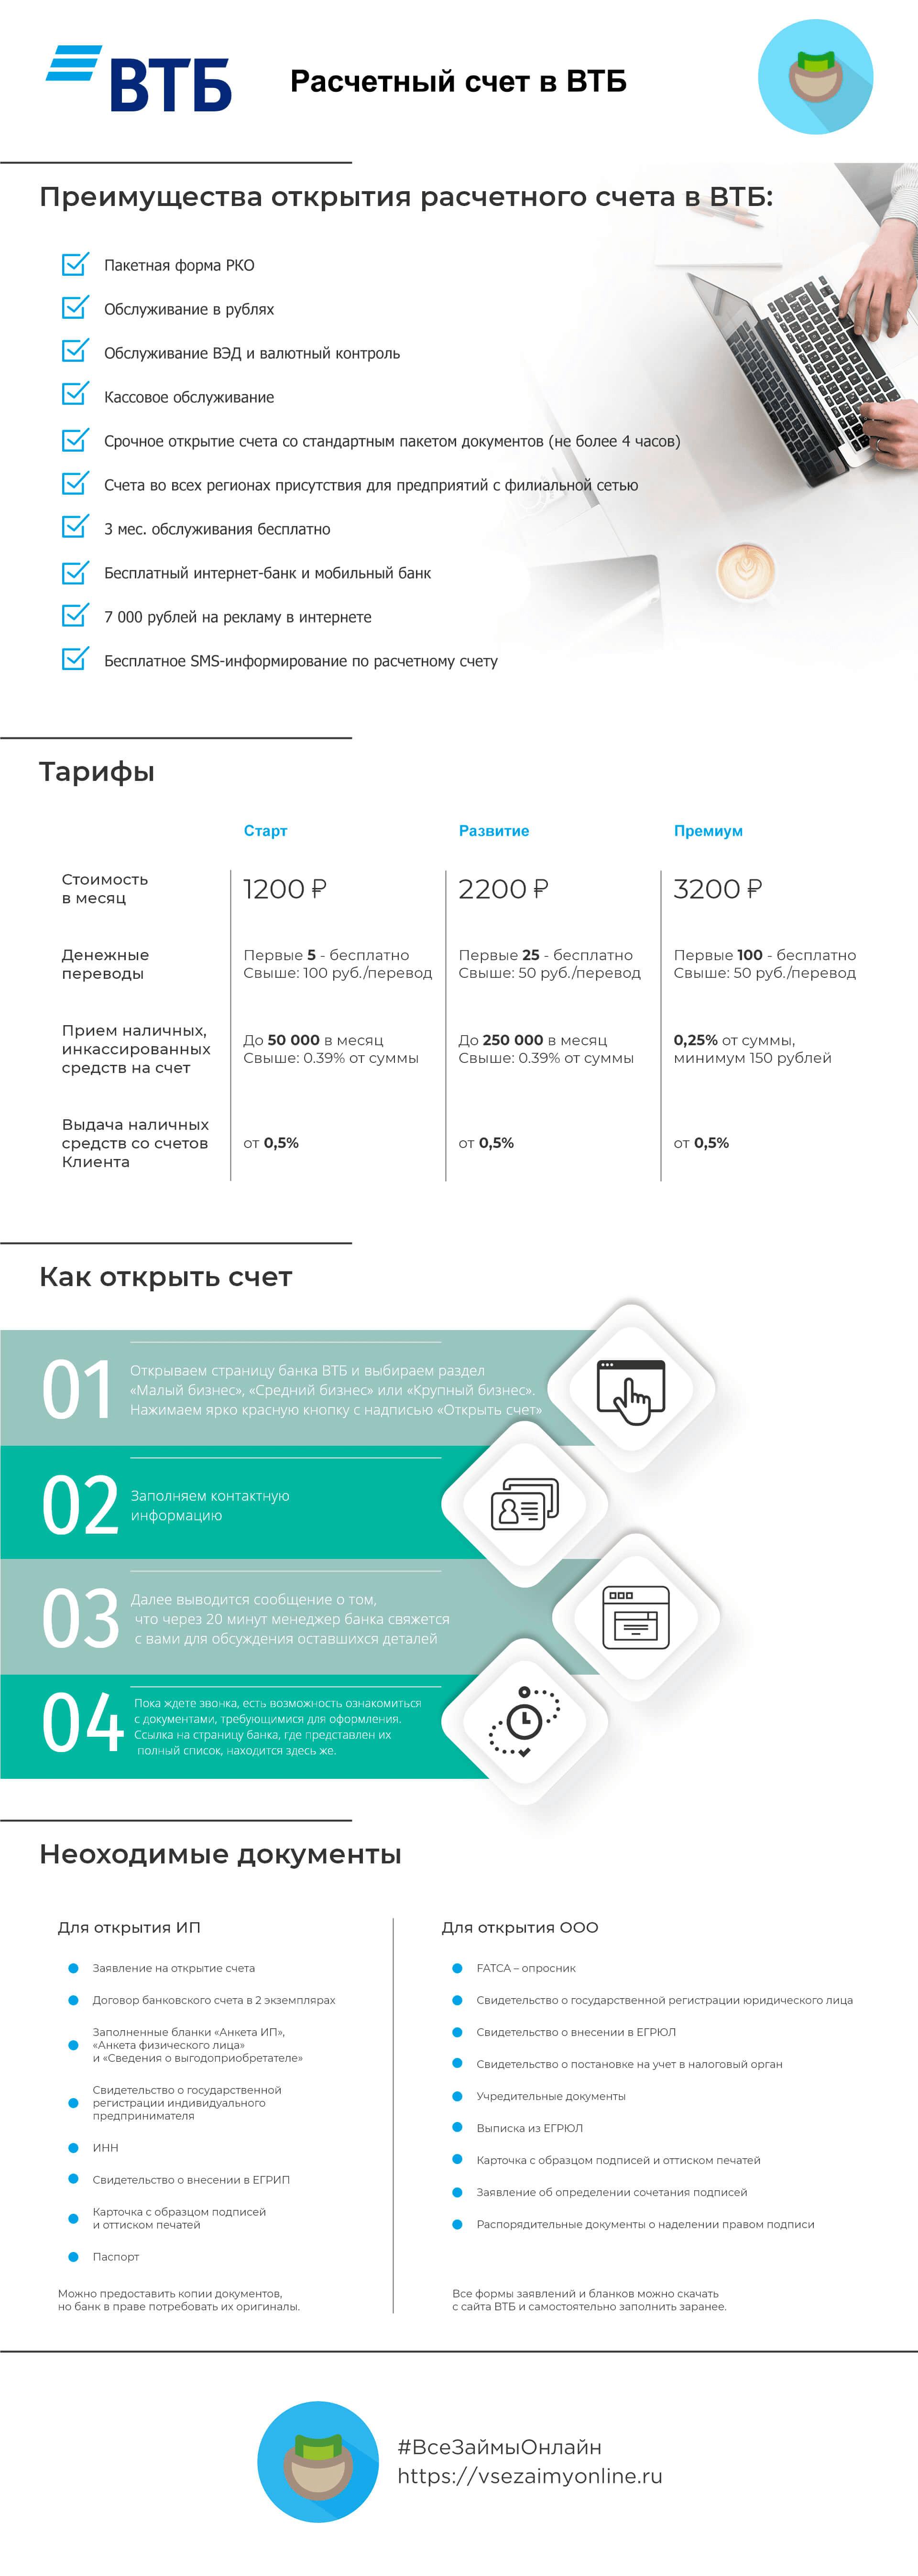 реквизиты банка втб 24 для перечисления на счет физического лица спб адрес банка хоум кредит в перми